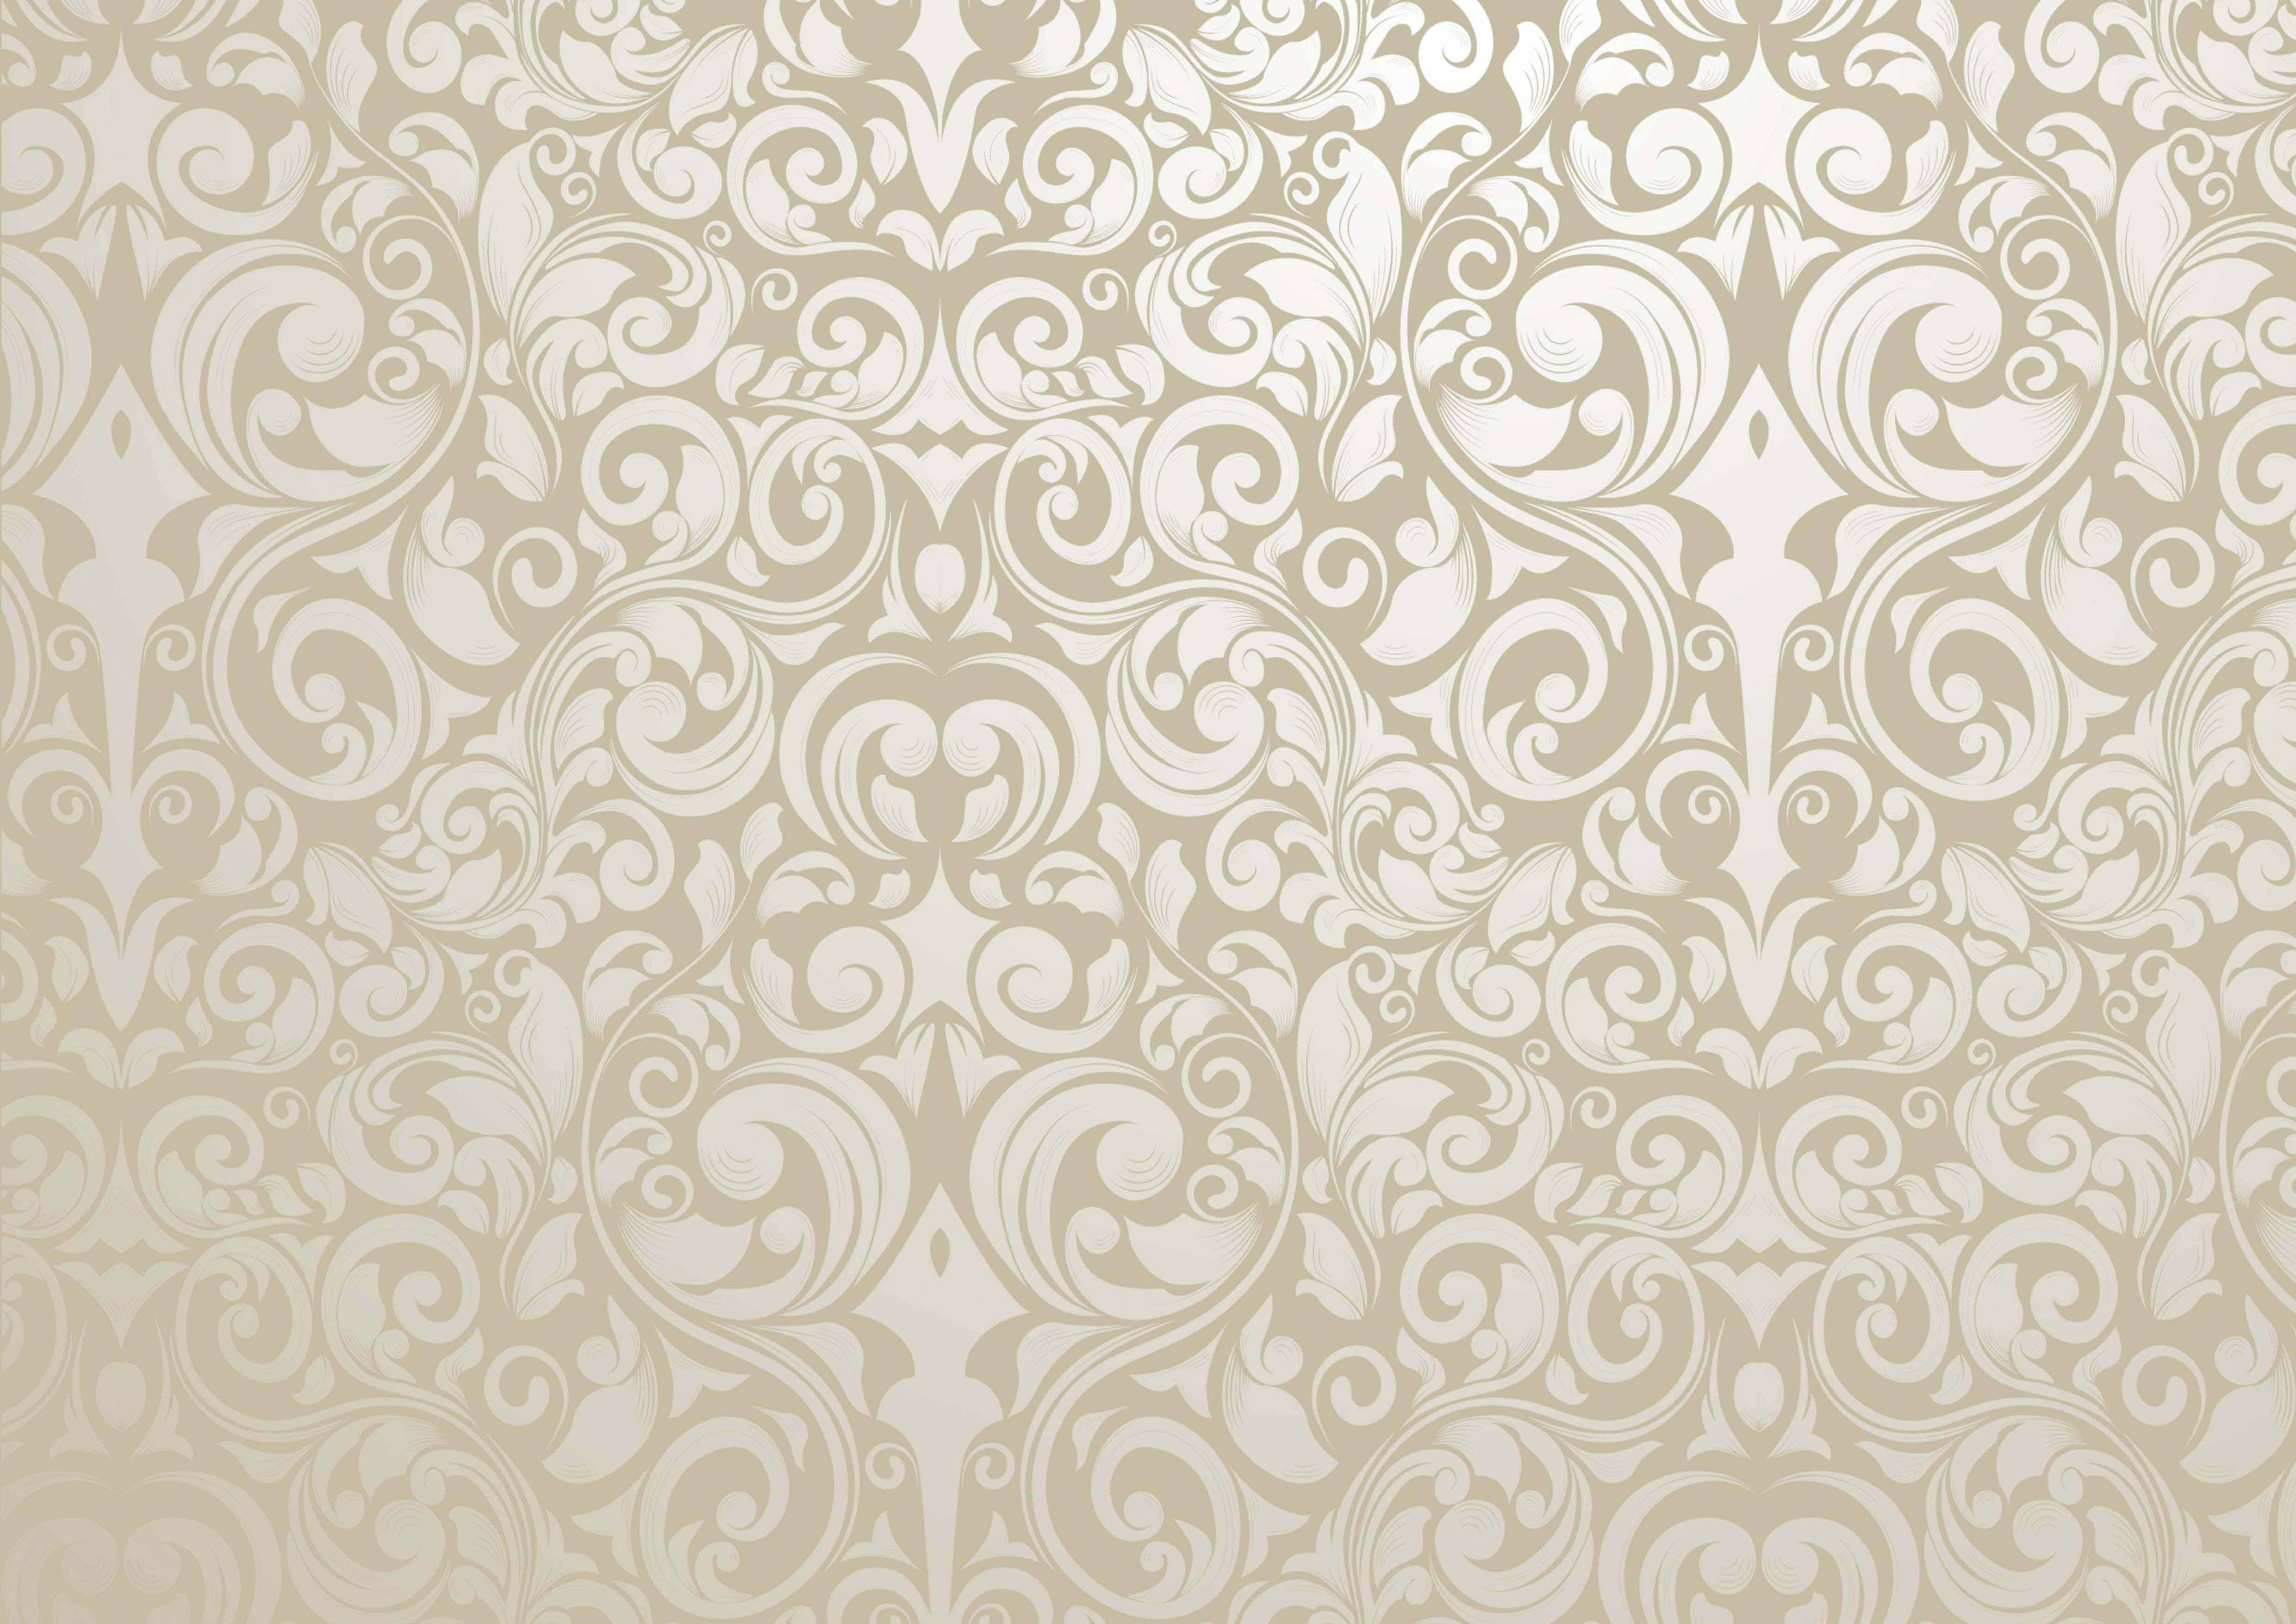 Fondo papel pintado decoraciones stilo for Papel pintado blanco y plata